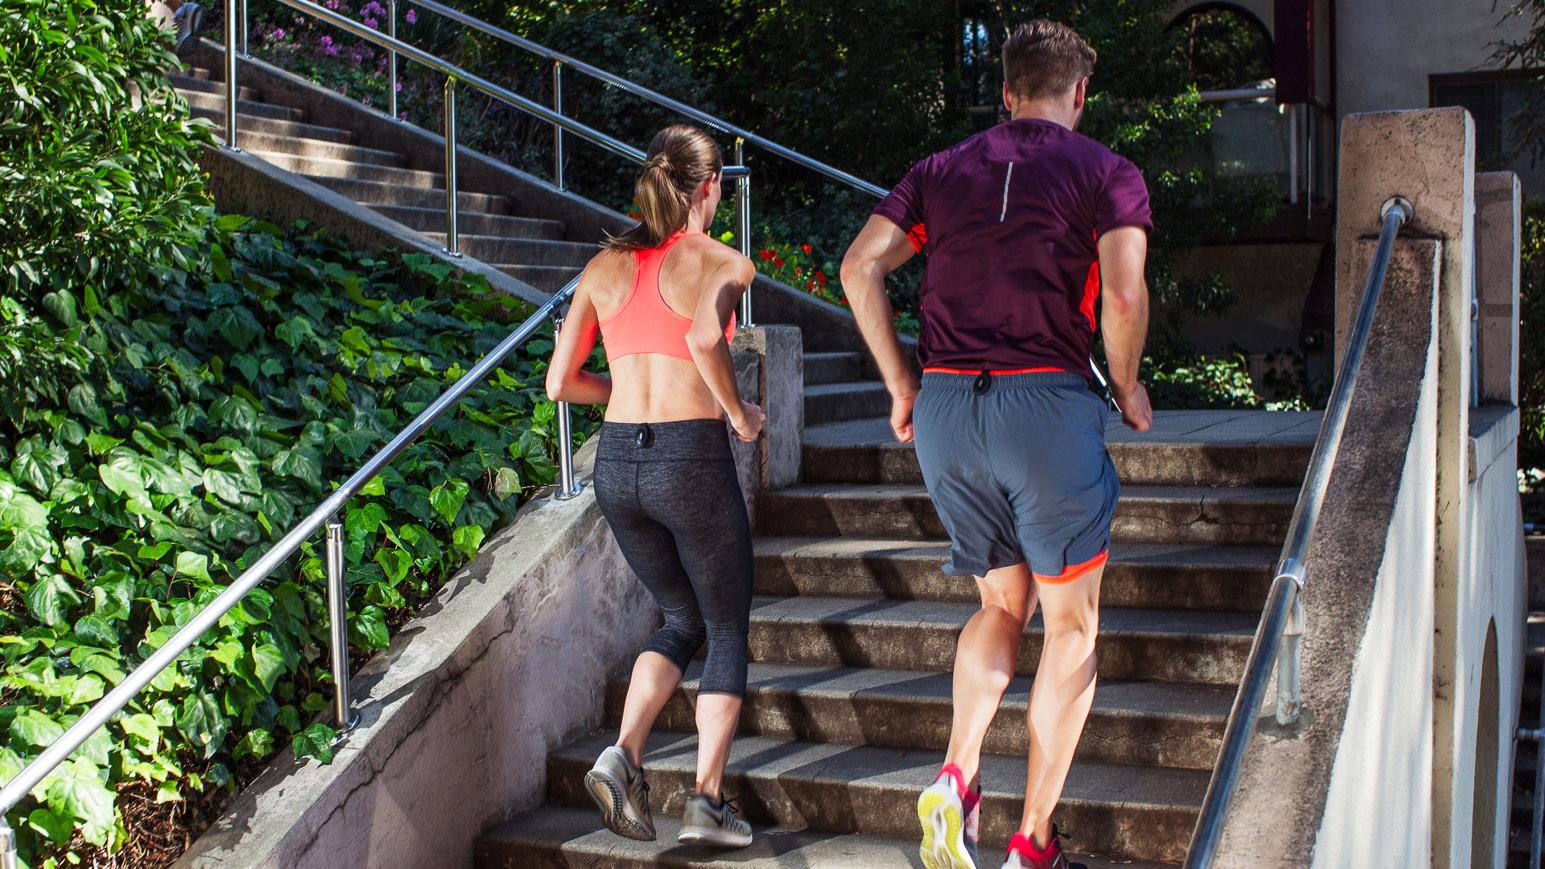 info for c01e0 45ab2 Best running gadgets 2018  the top fitness tech to help you run better    TechRadar